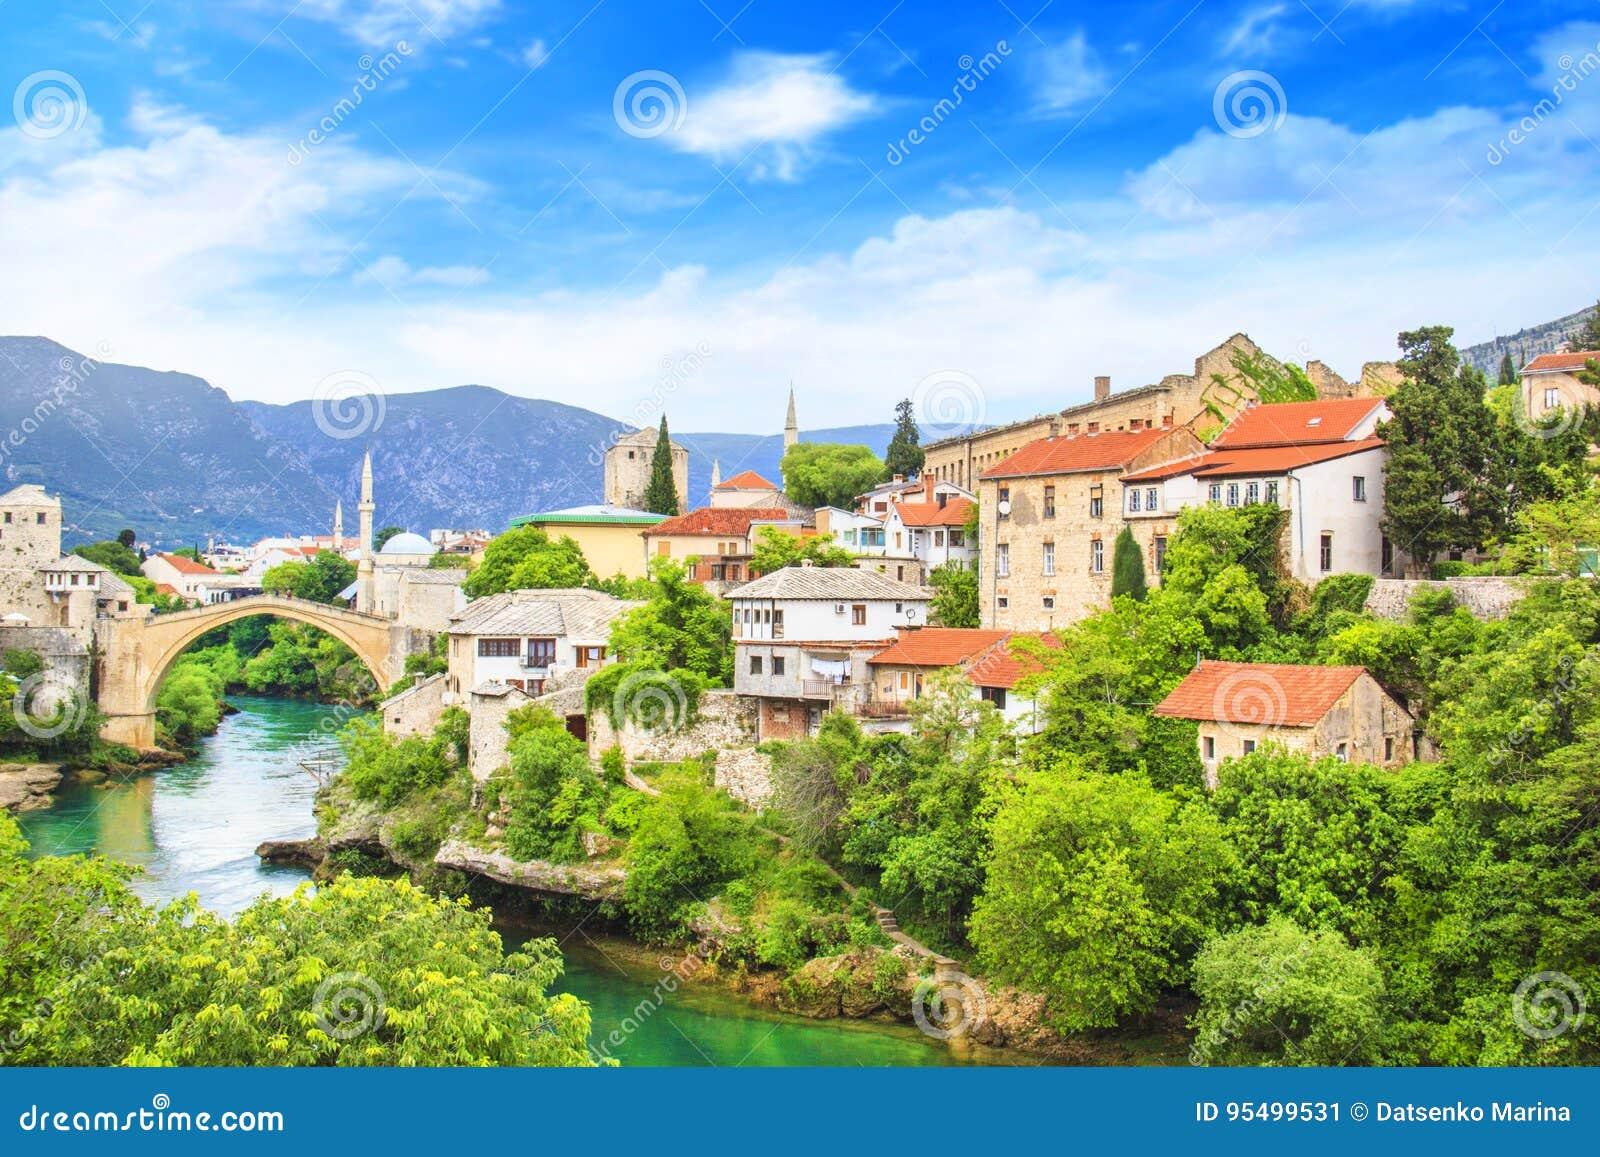 Puente viejo de la hermosa vista en Mostar en el río de Neretva, Bosnia y Herzegovina